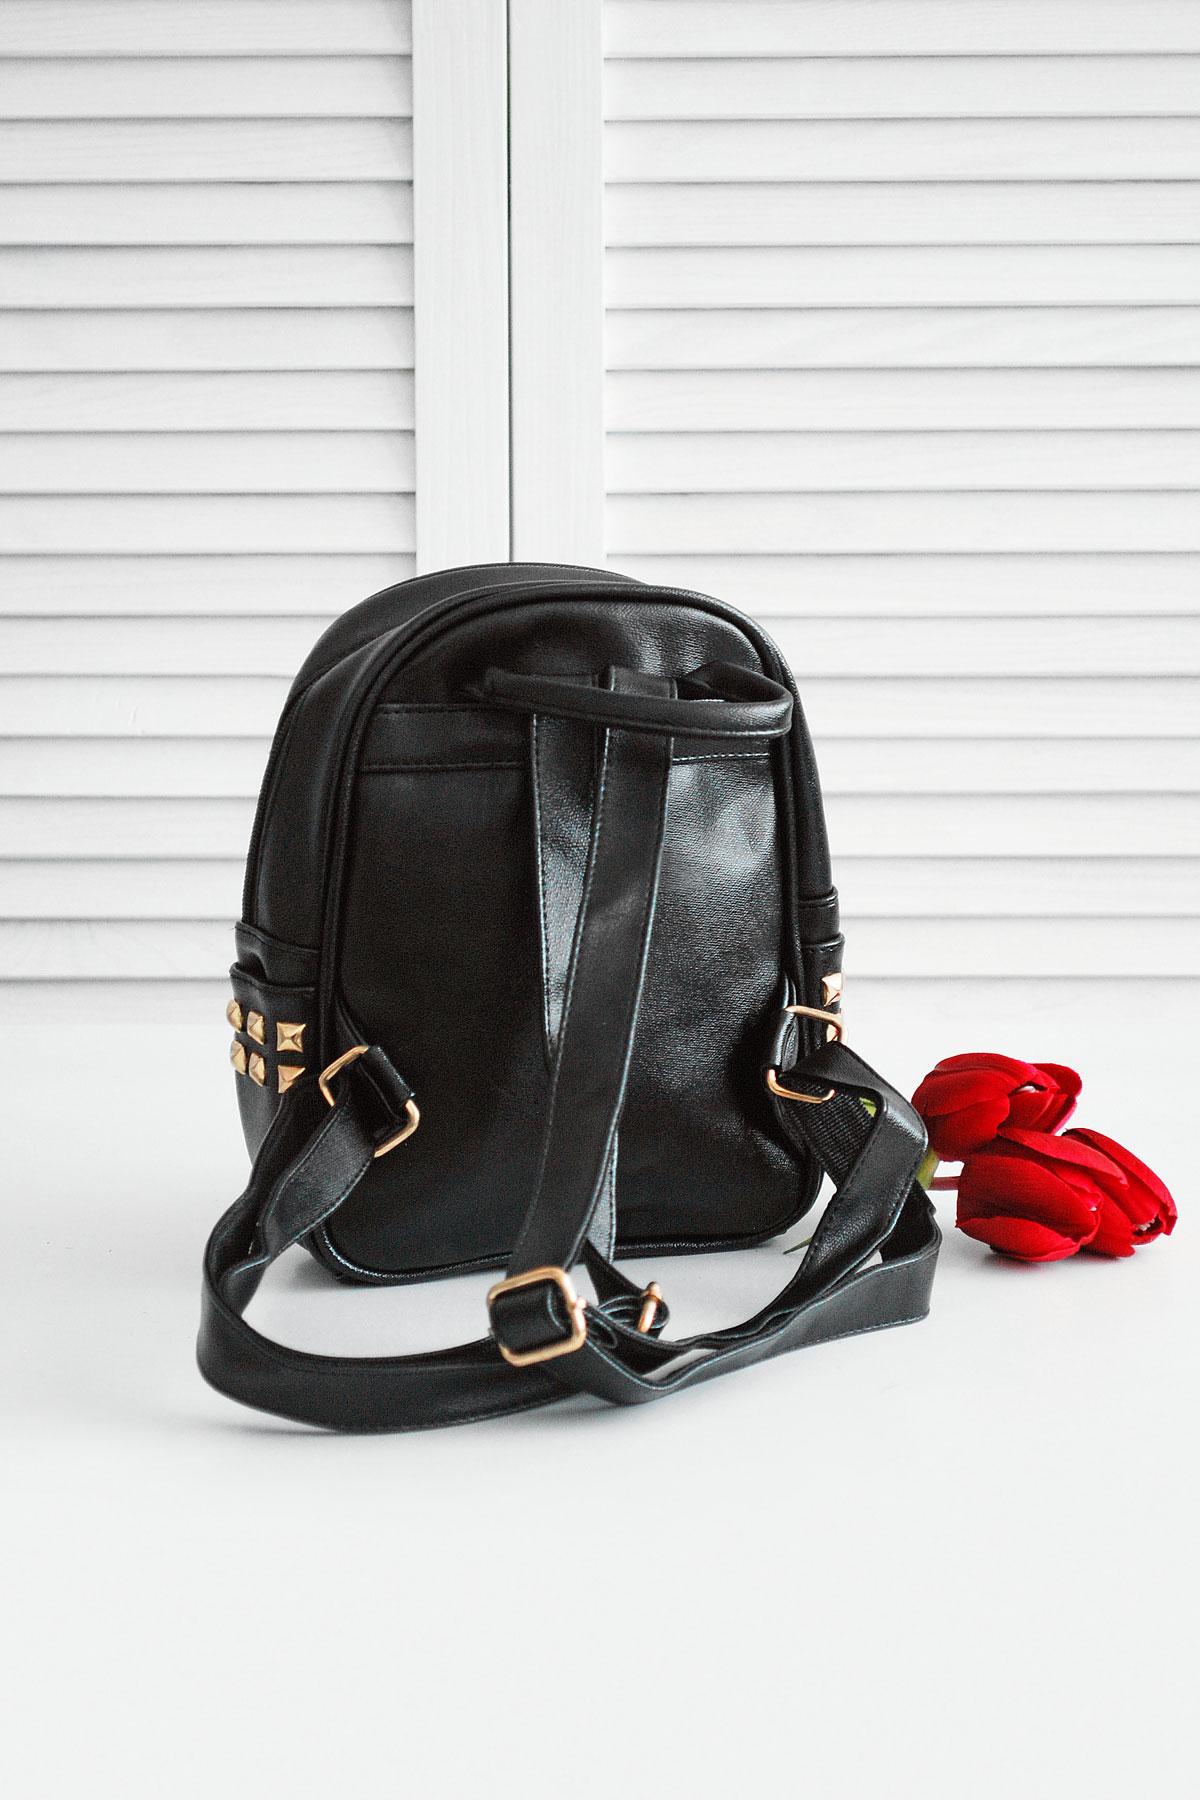 bd1142f65f17 небольшой рюкзак жемчужного цвета. Рюкзак 610. Цвет: черный купить ...